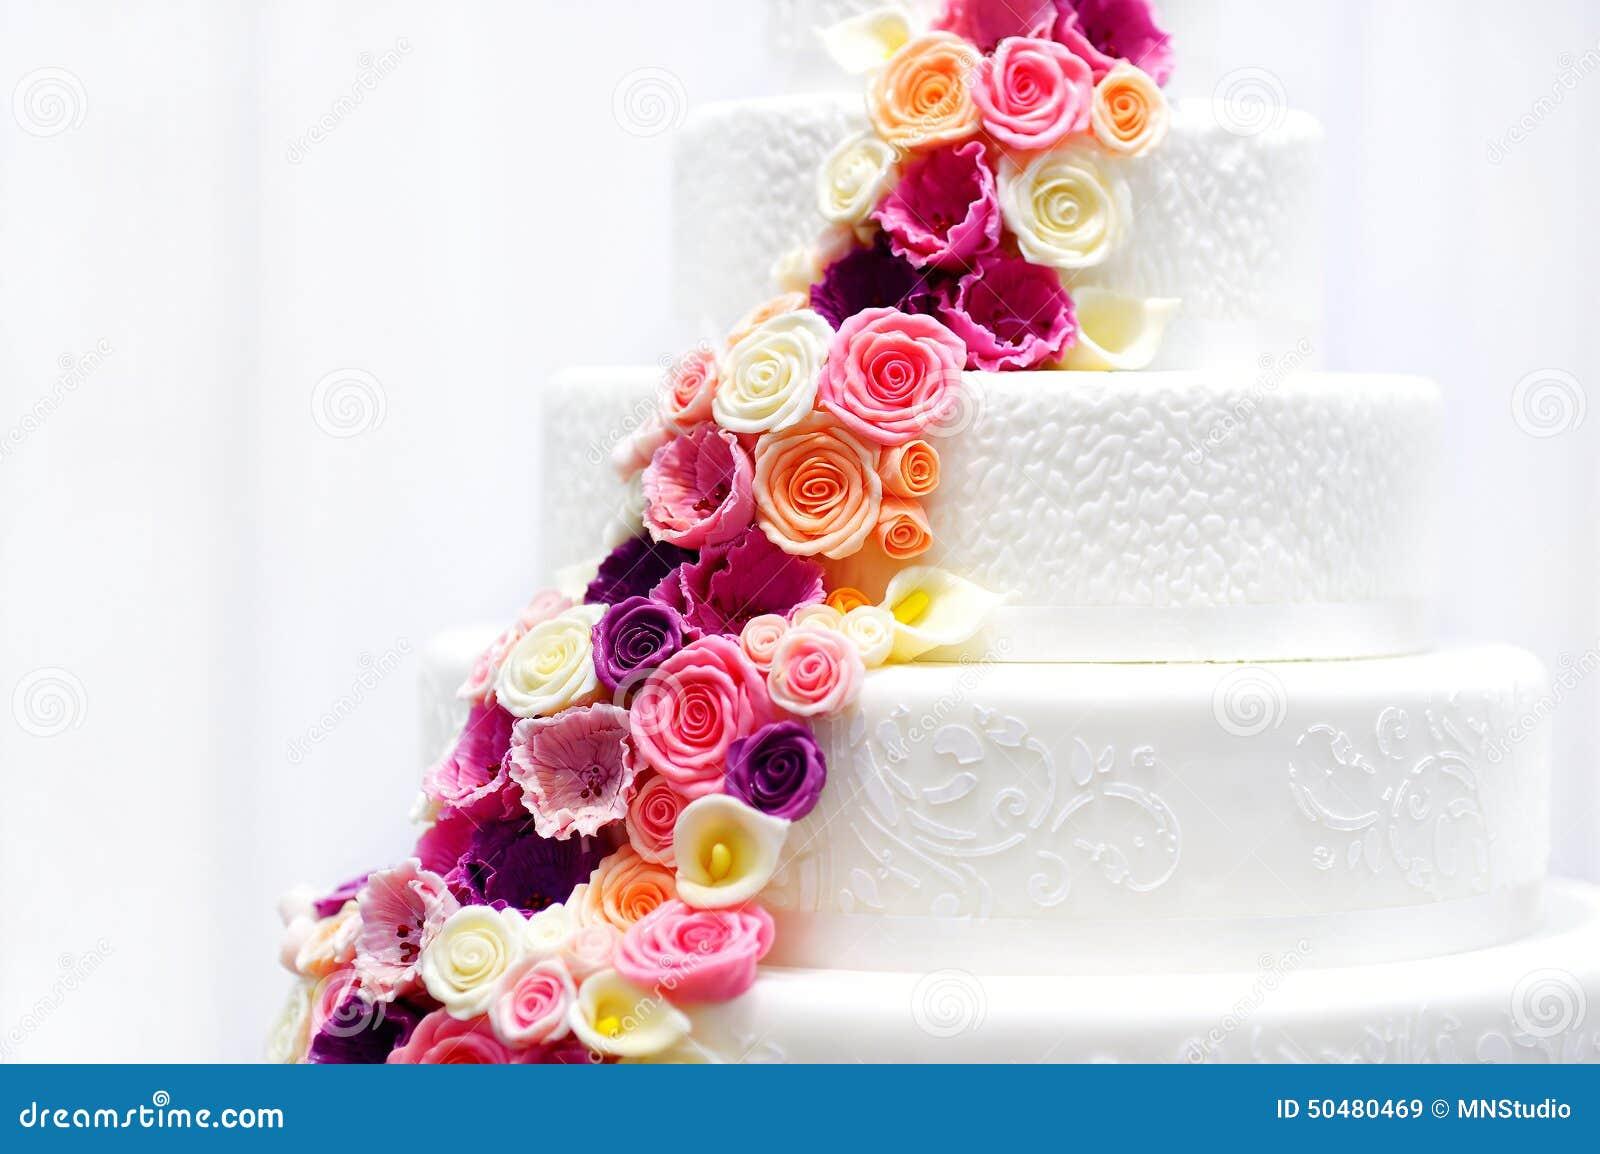 Pasteles De Boda Con Flores: Pastel De Bodas Blanco Adornado Con Las Flores Del Azúcar